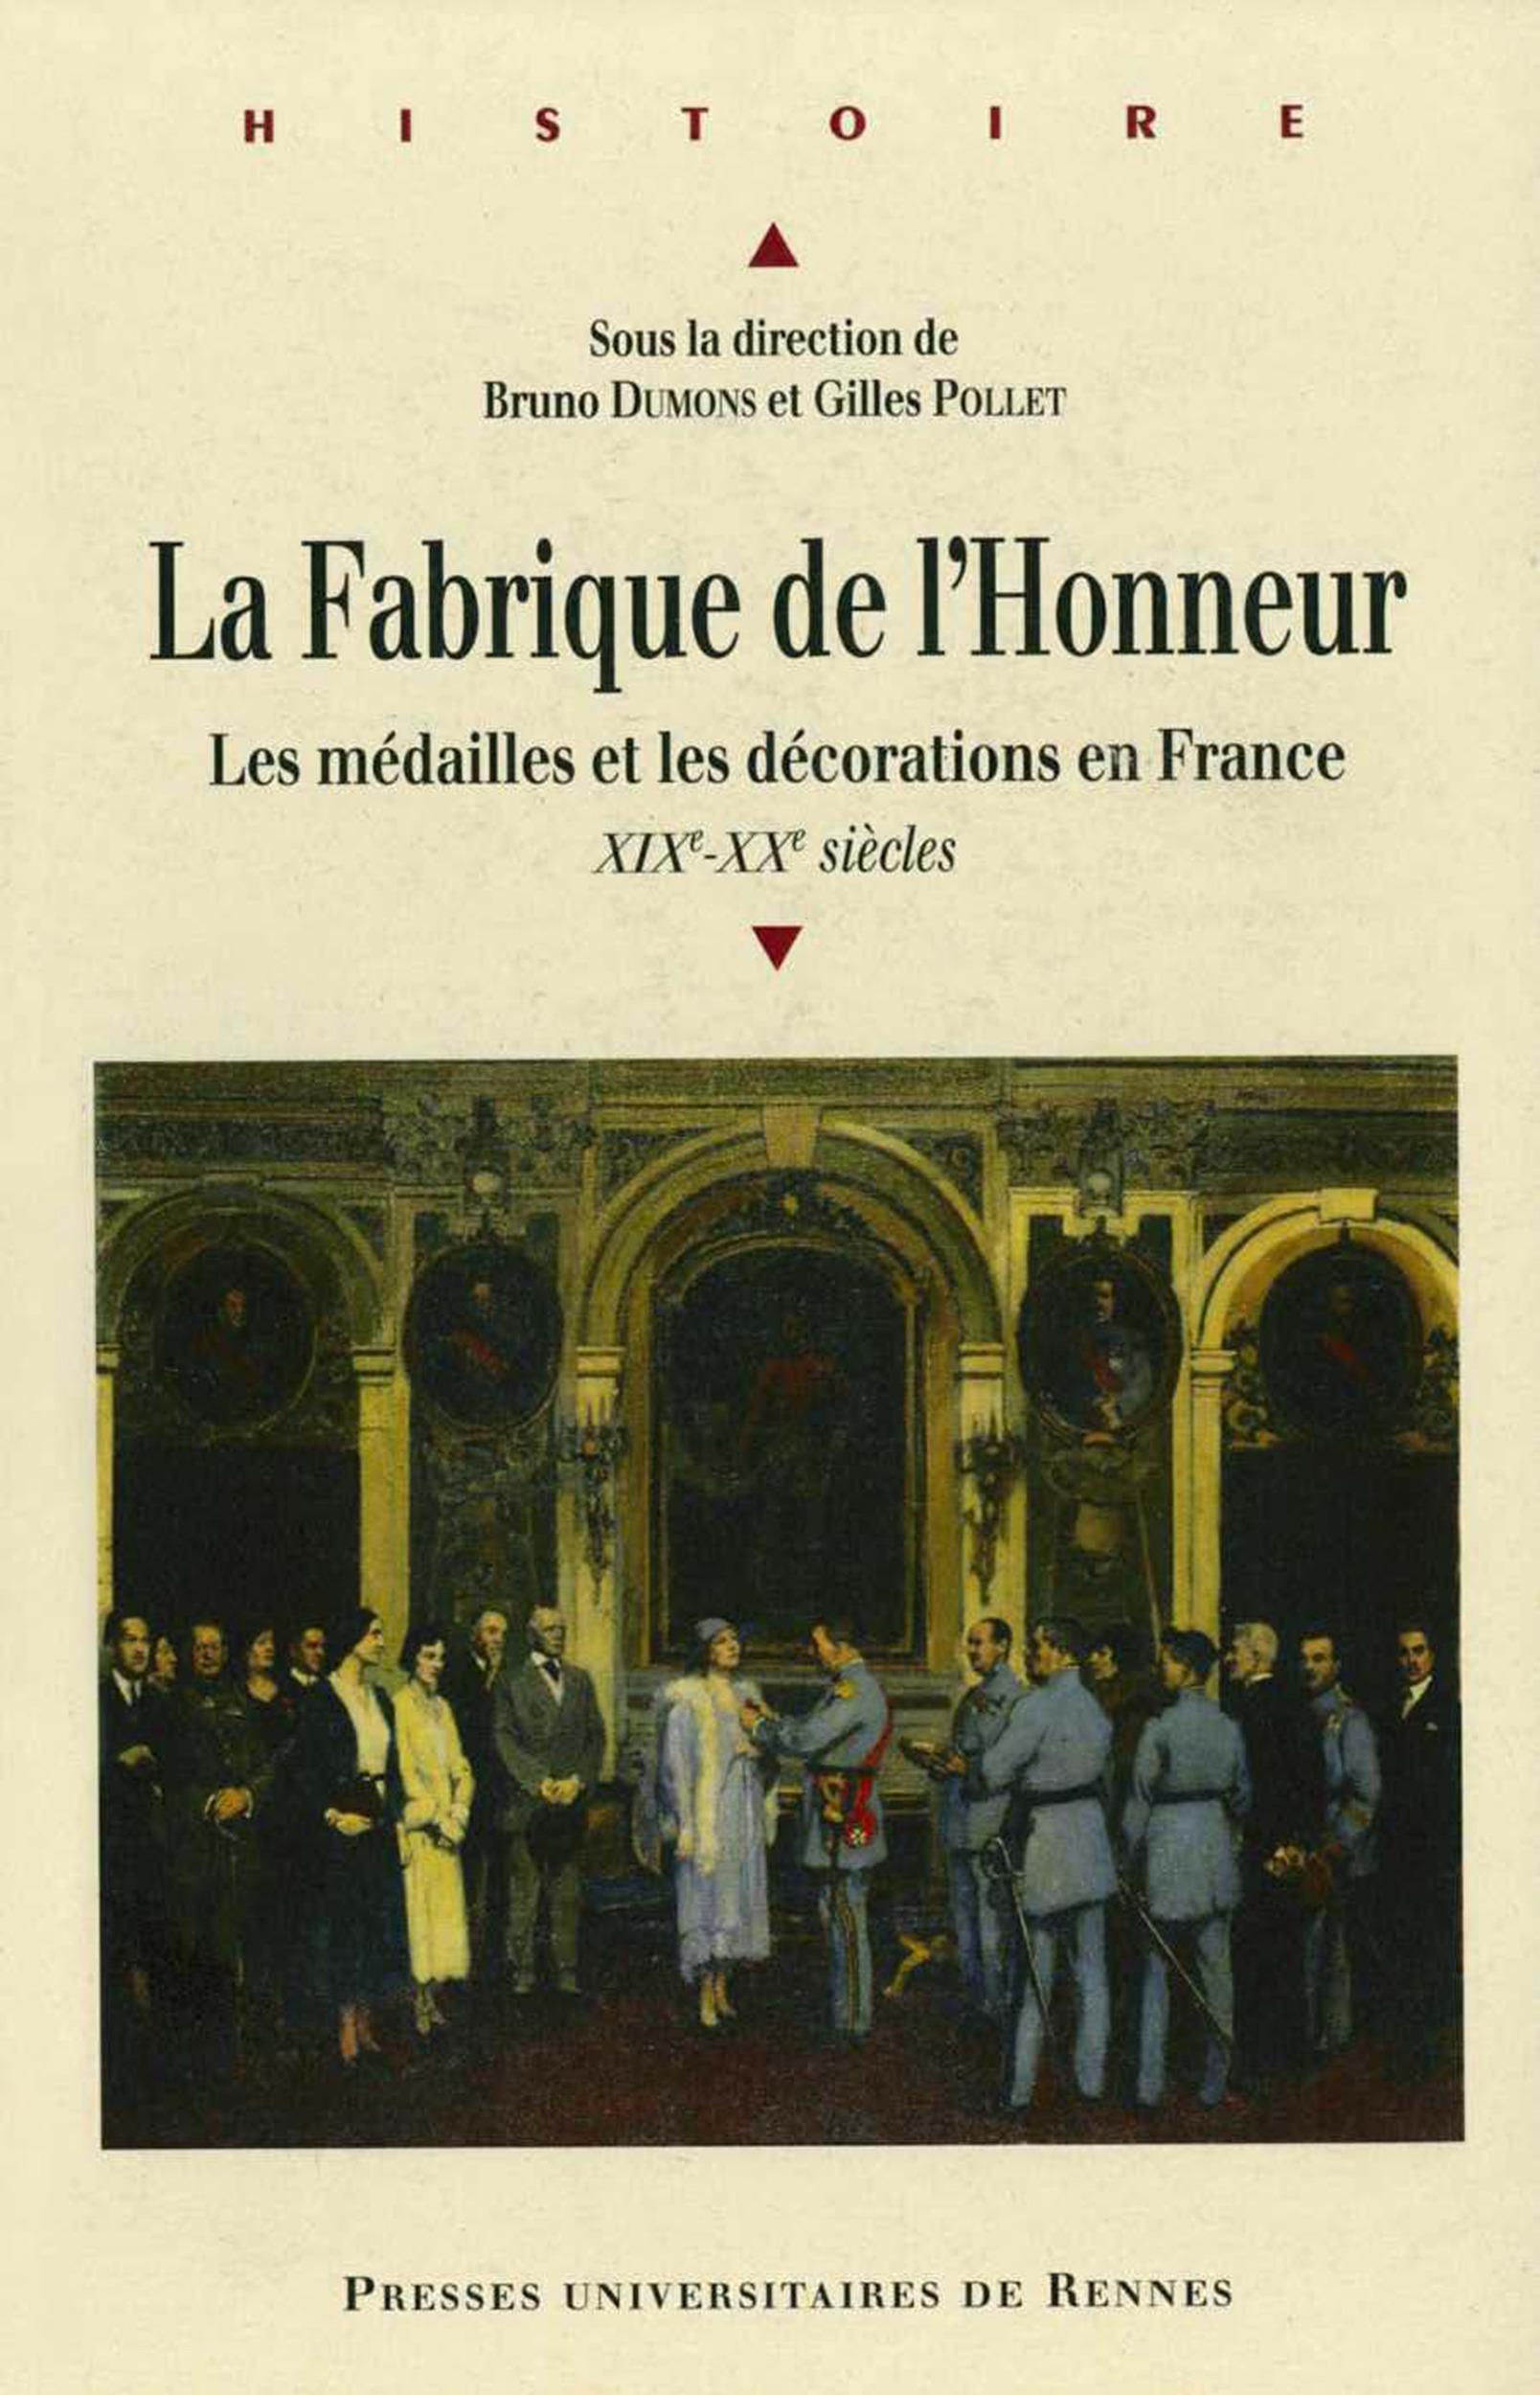 La fabrique de l'honneur ; les médailles et les décorations en France XIX-XX siècles